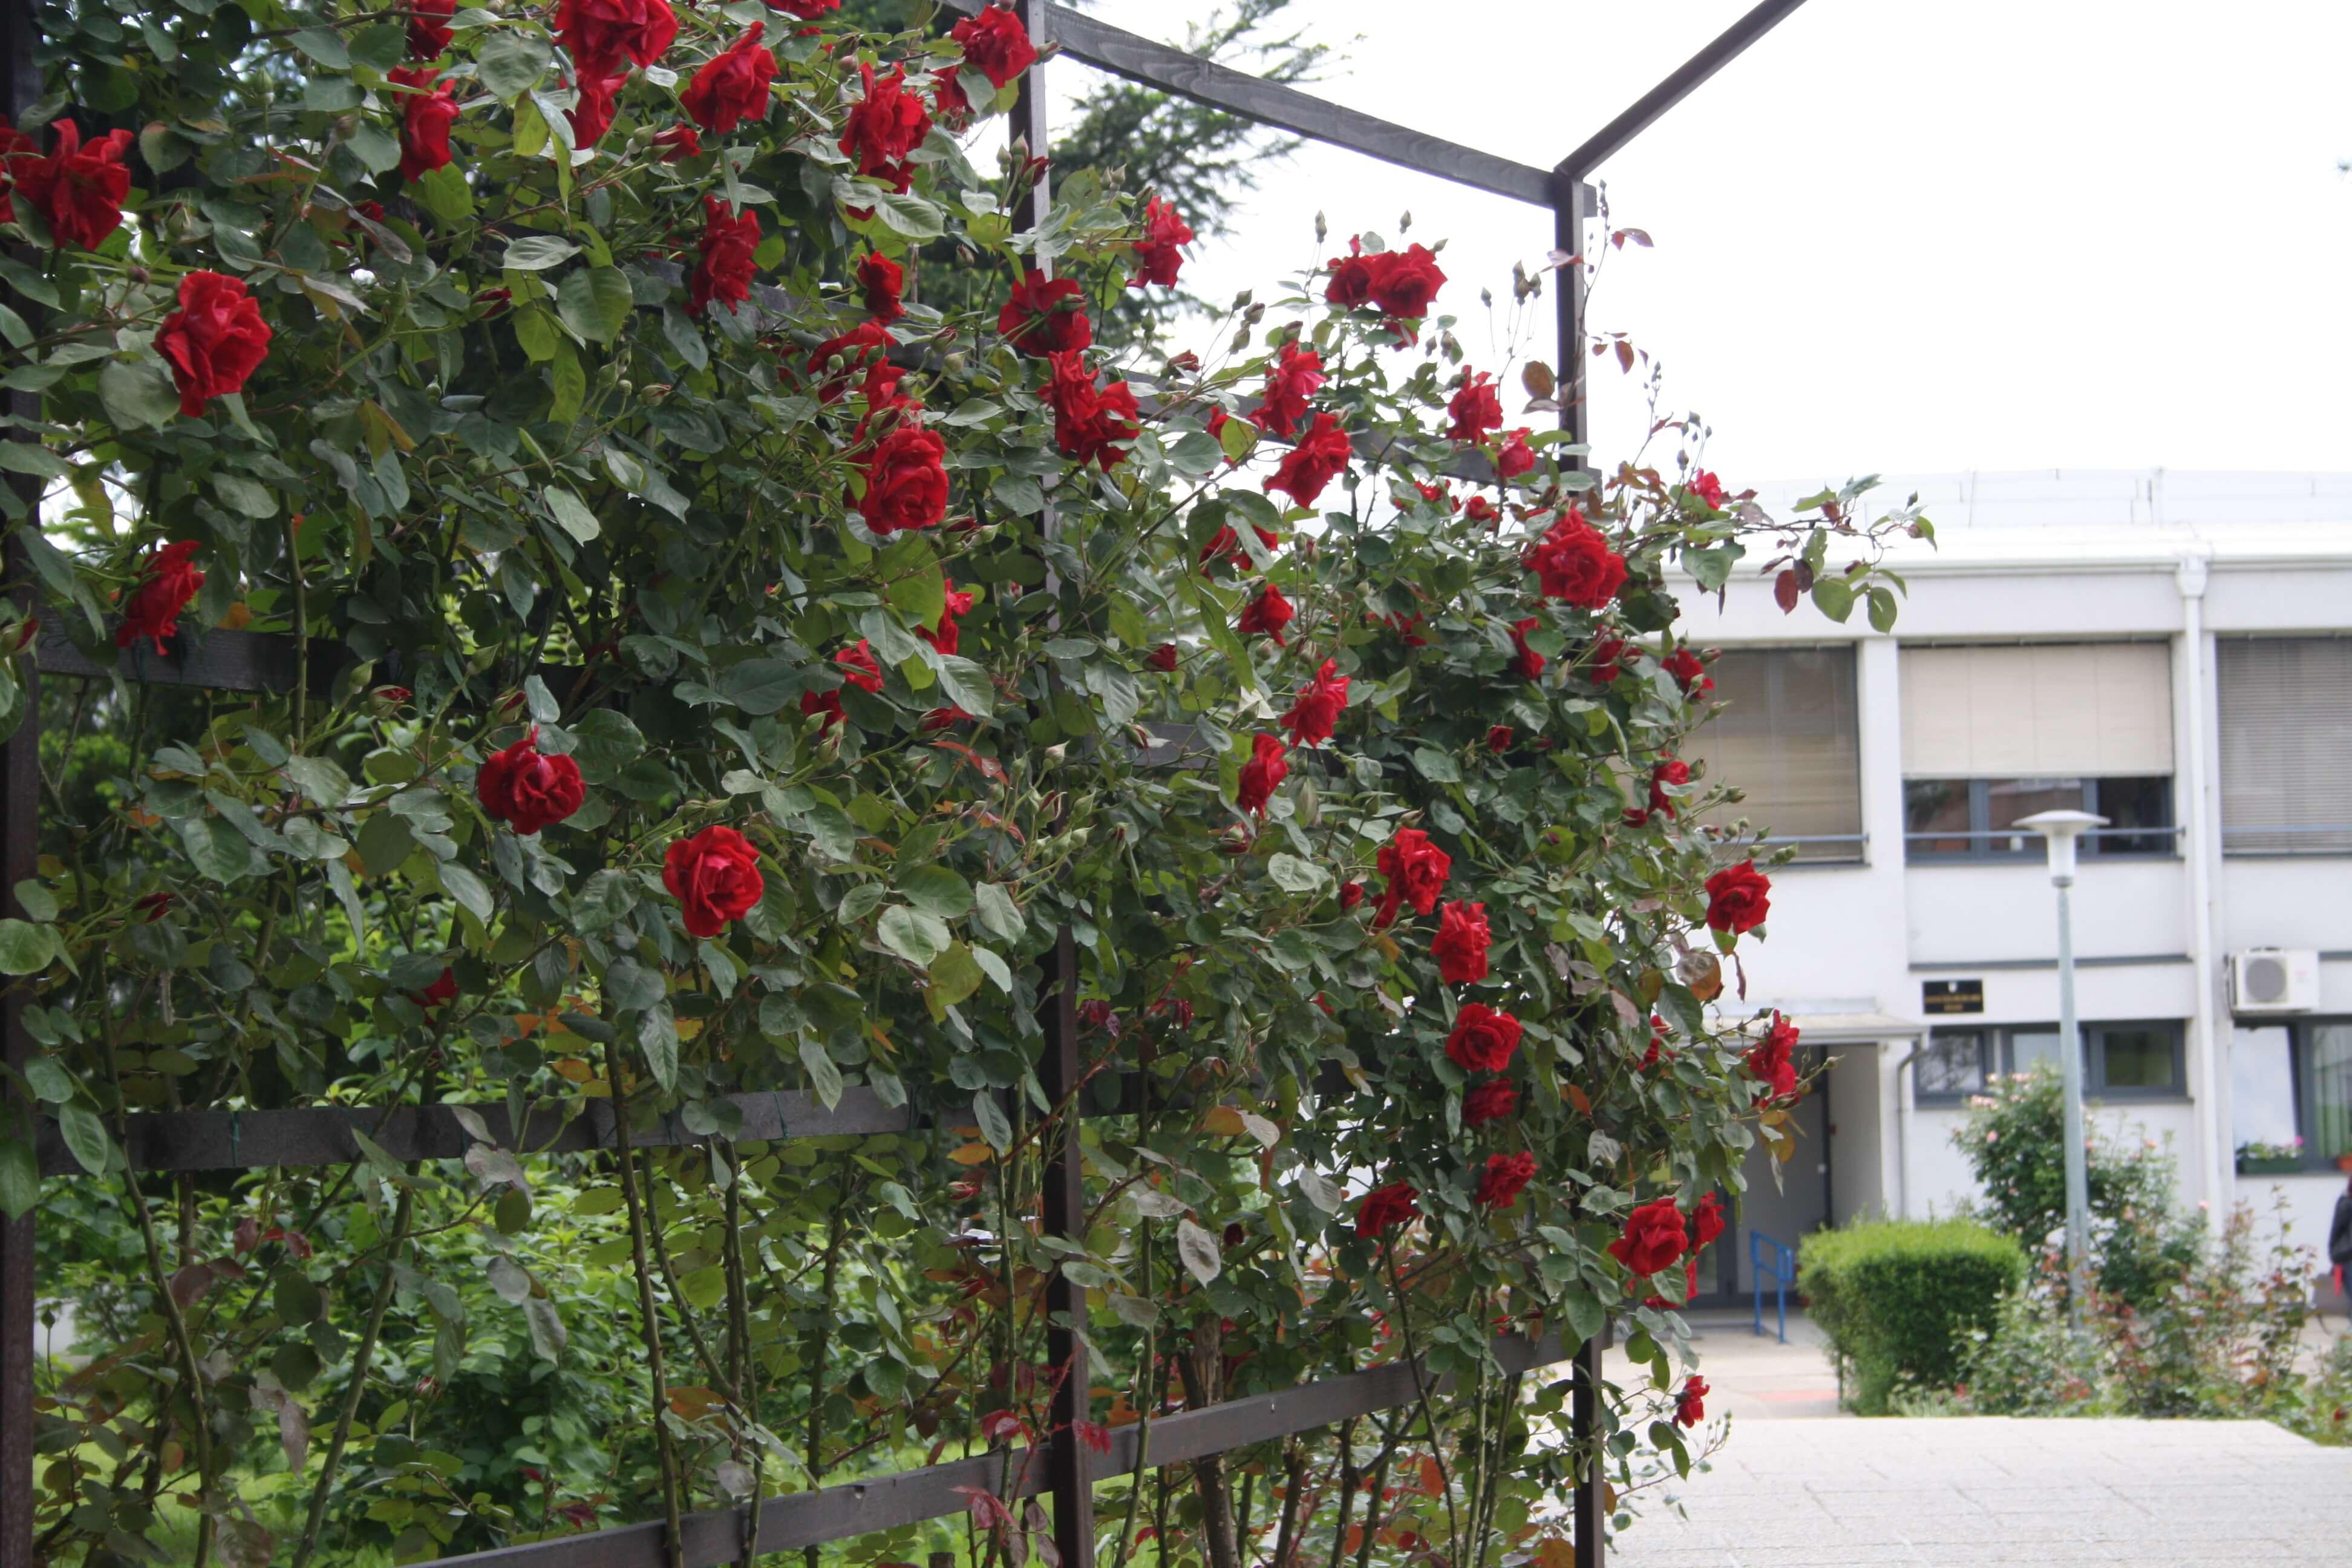 Najljepši školski vrt u Hrvatskoj nagrađen sa 10.000 kuna: Pogledajte kako su ga uredile ruke malih školaraca